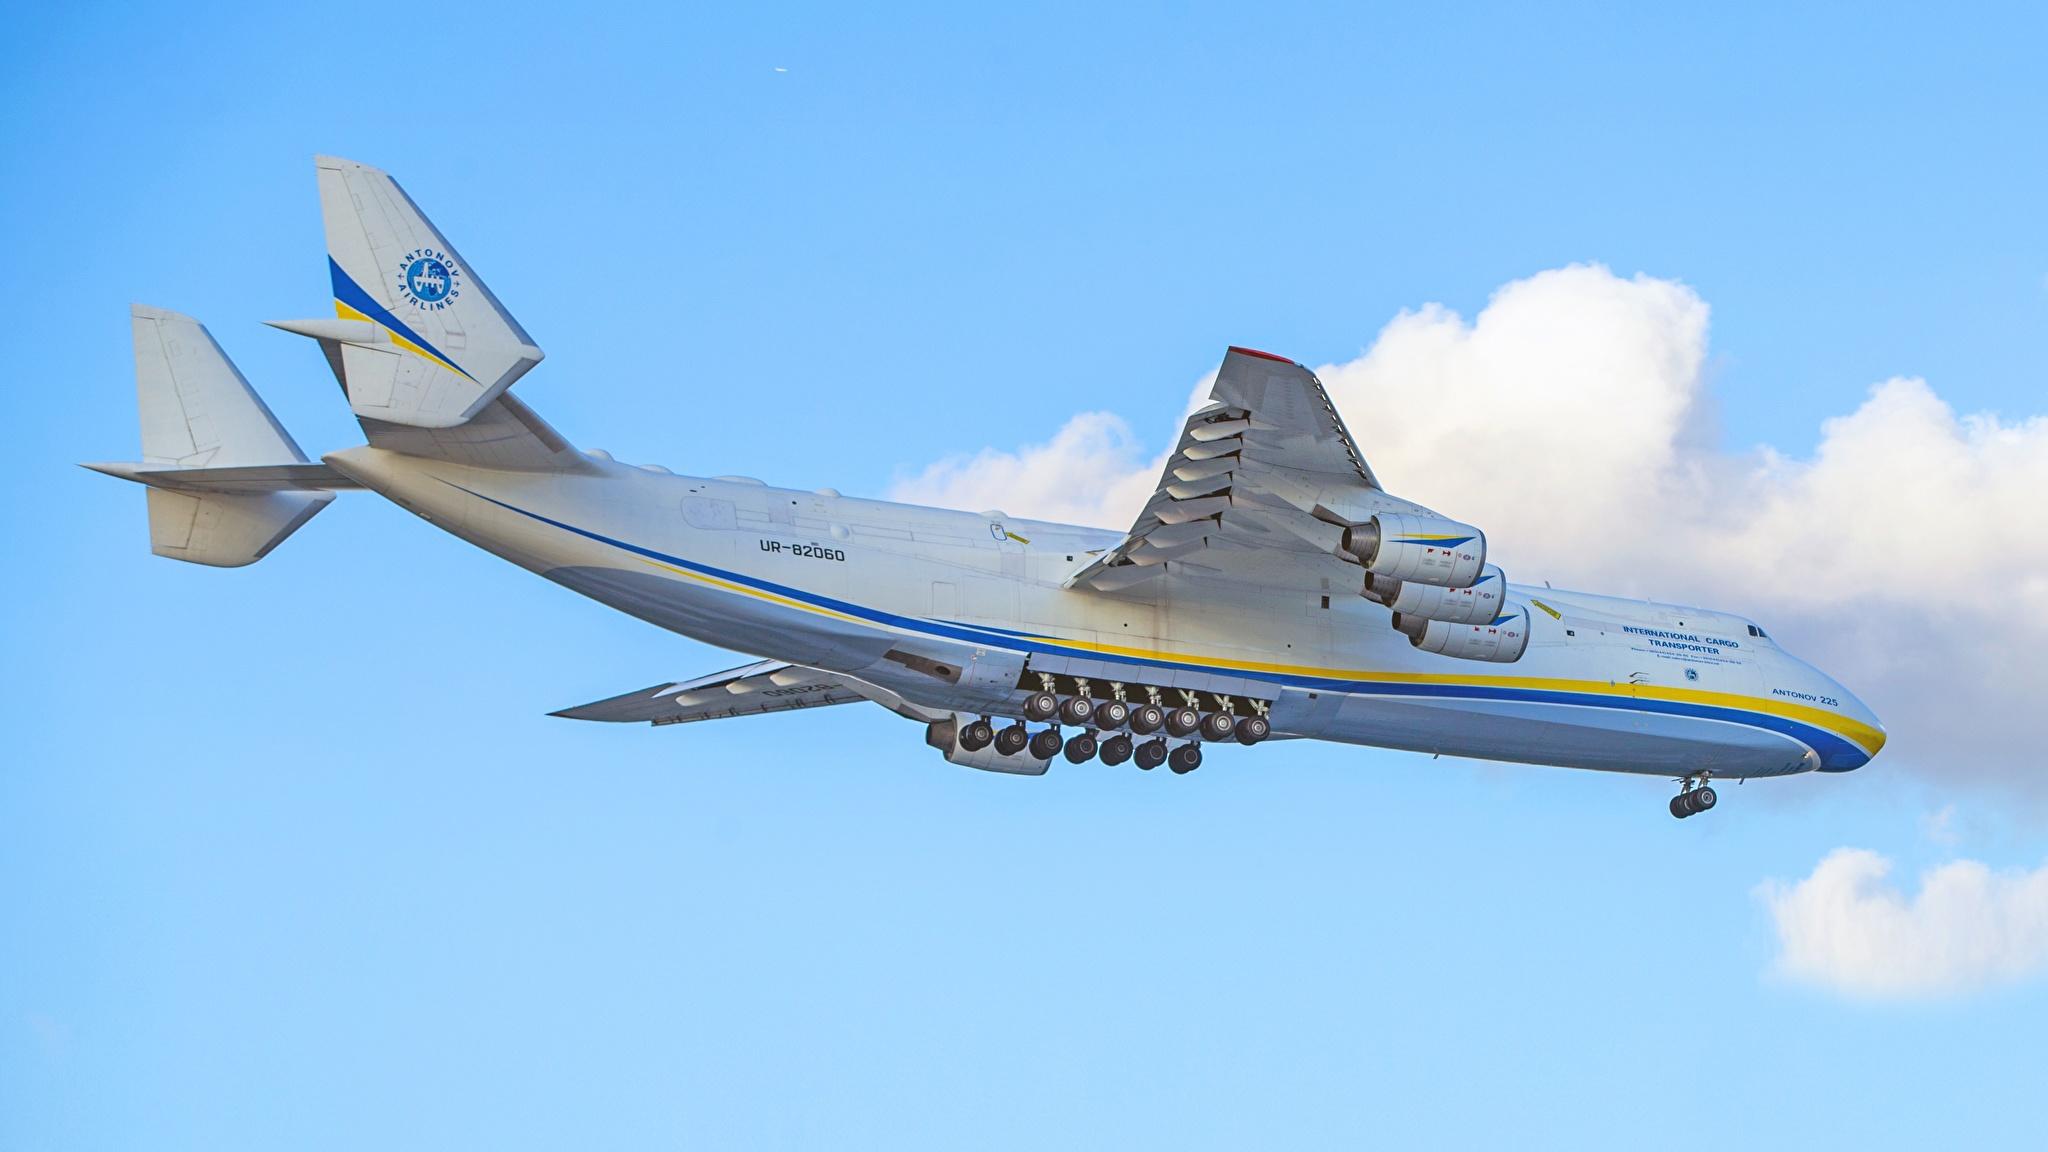 Bilder von Flugzeuge Transportflugzeuge Russische An-225 Mriya Luftfahrt 2048x1152